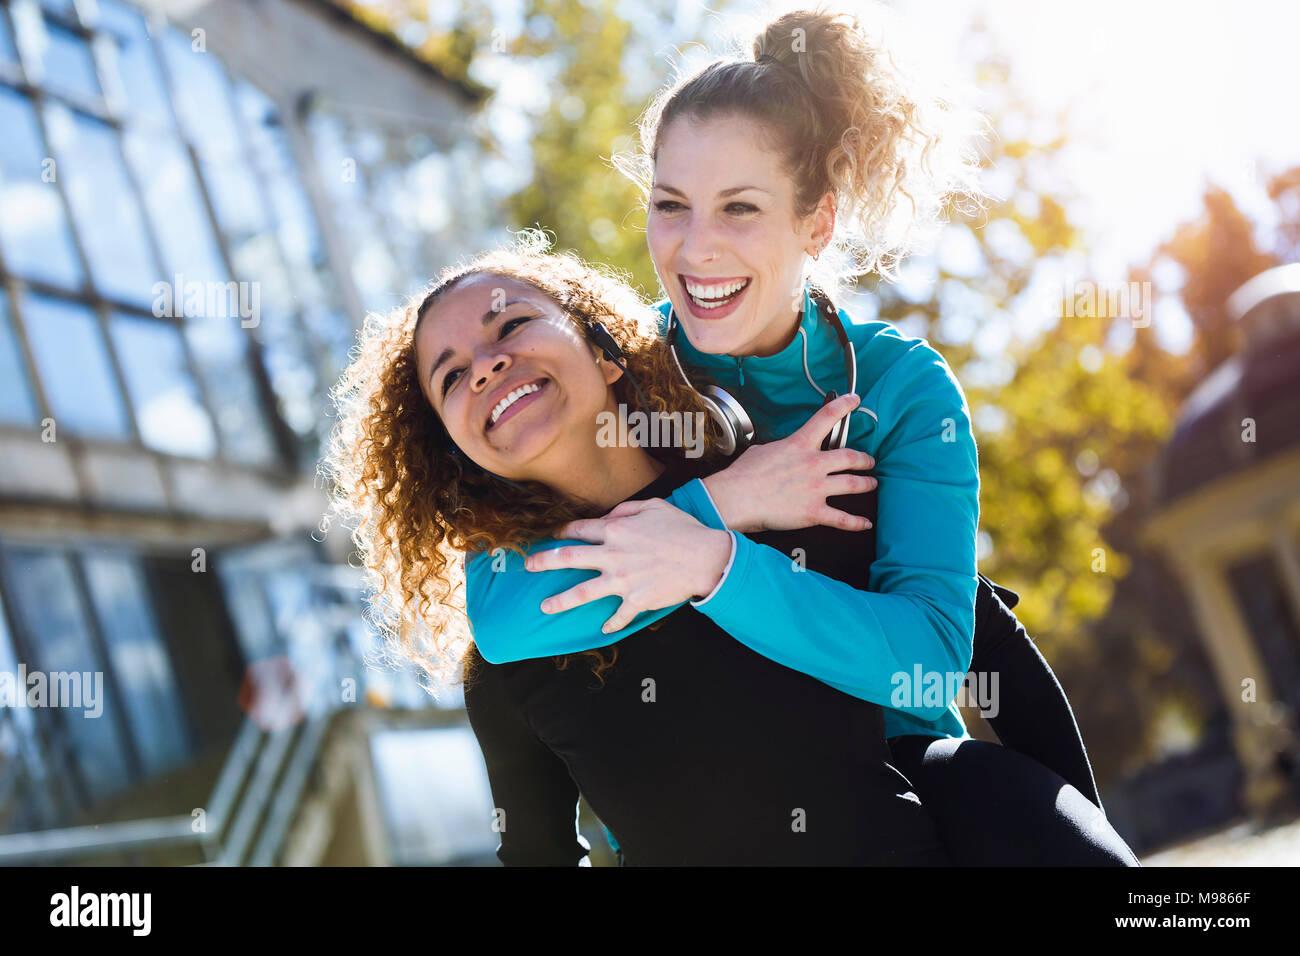 Felice giovane donna che trasportano amico piggyback Immagini Stock